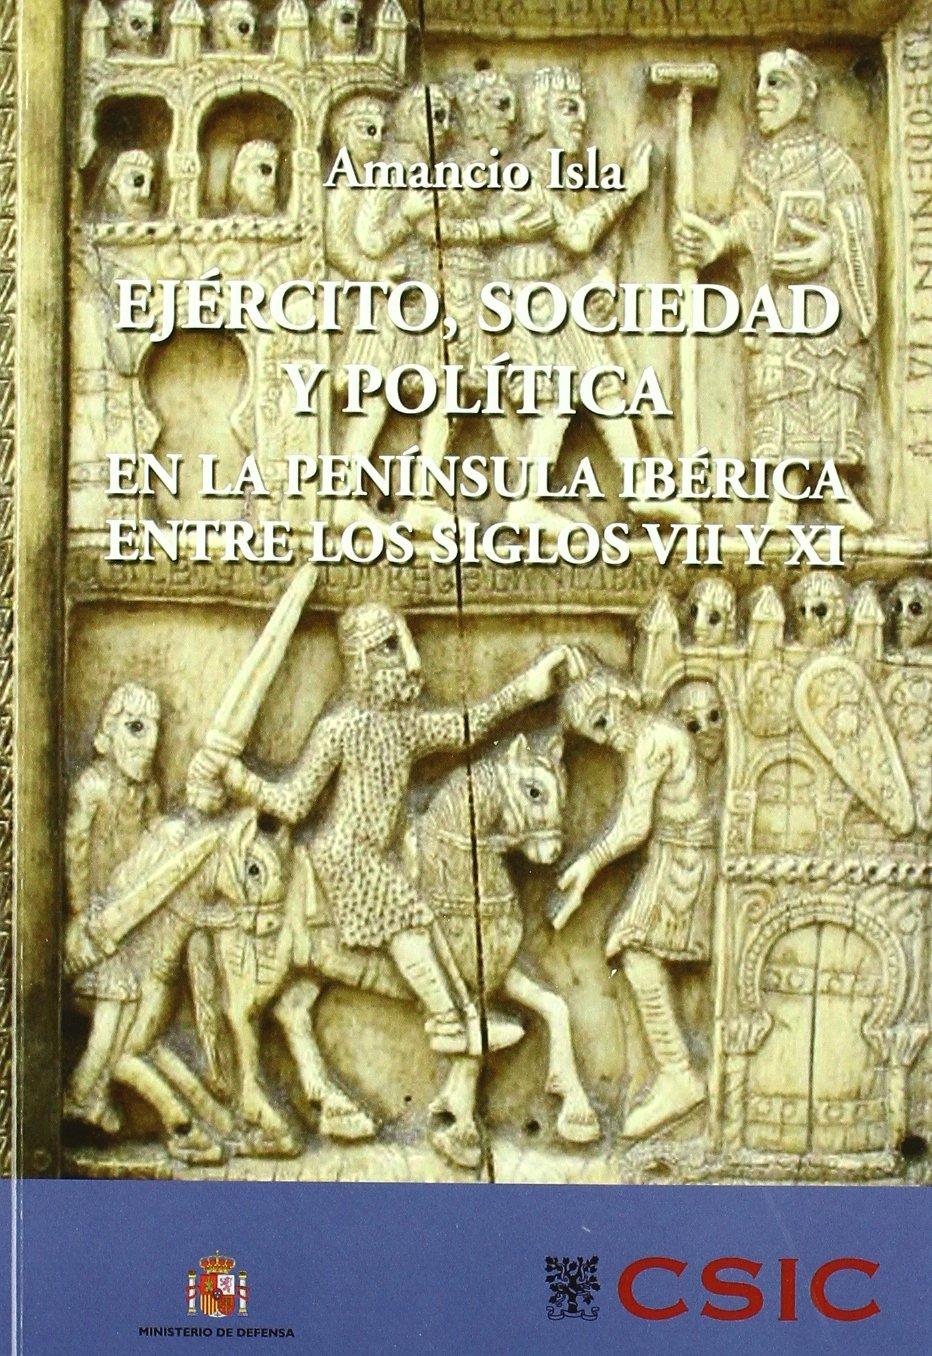 Download EJERCITO SOCIEDAD Y POLITICA PENINSULA IBERICA S.VII Y XI pdf